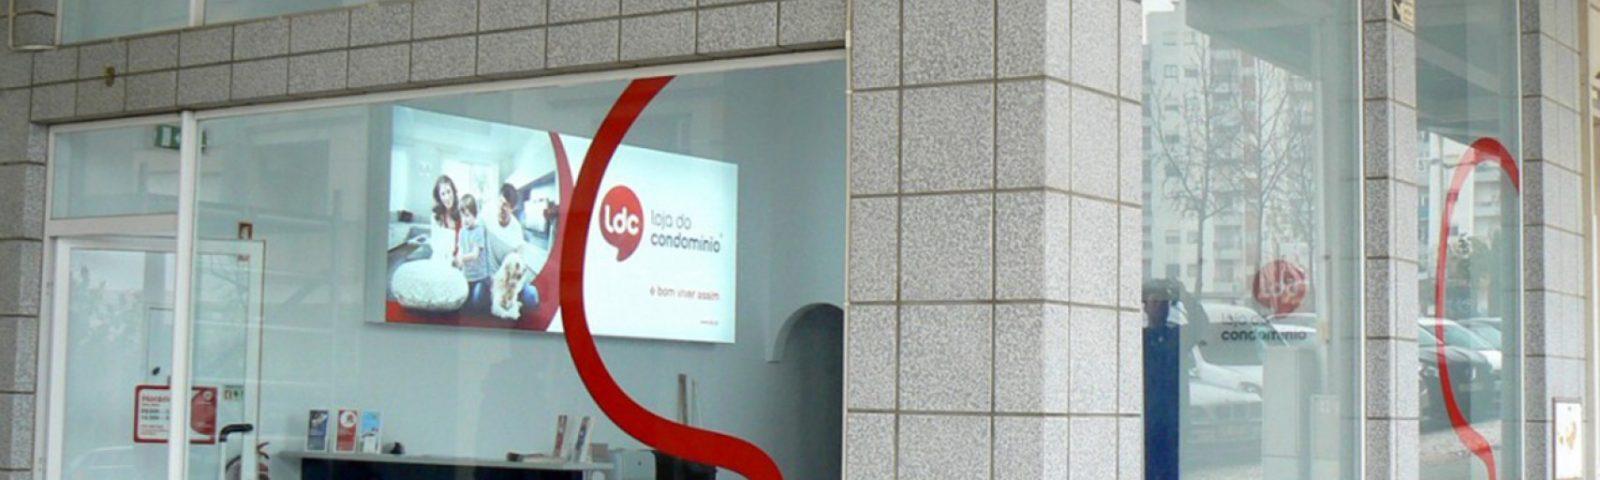 Depois de Espanha, a Loja do Condomínio (LDC) procura novos mercados